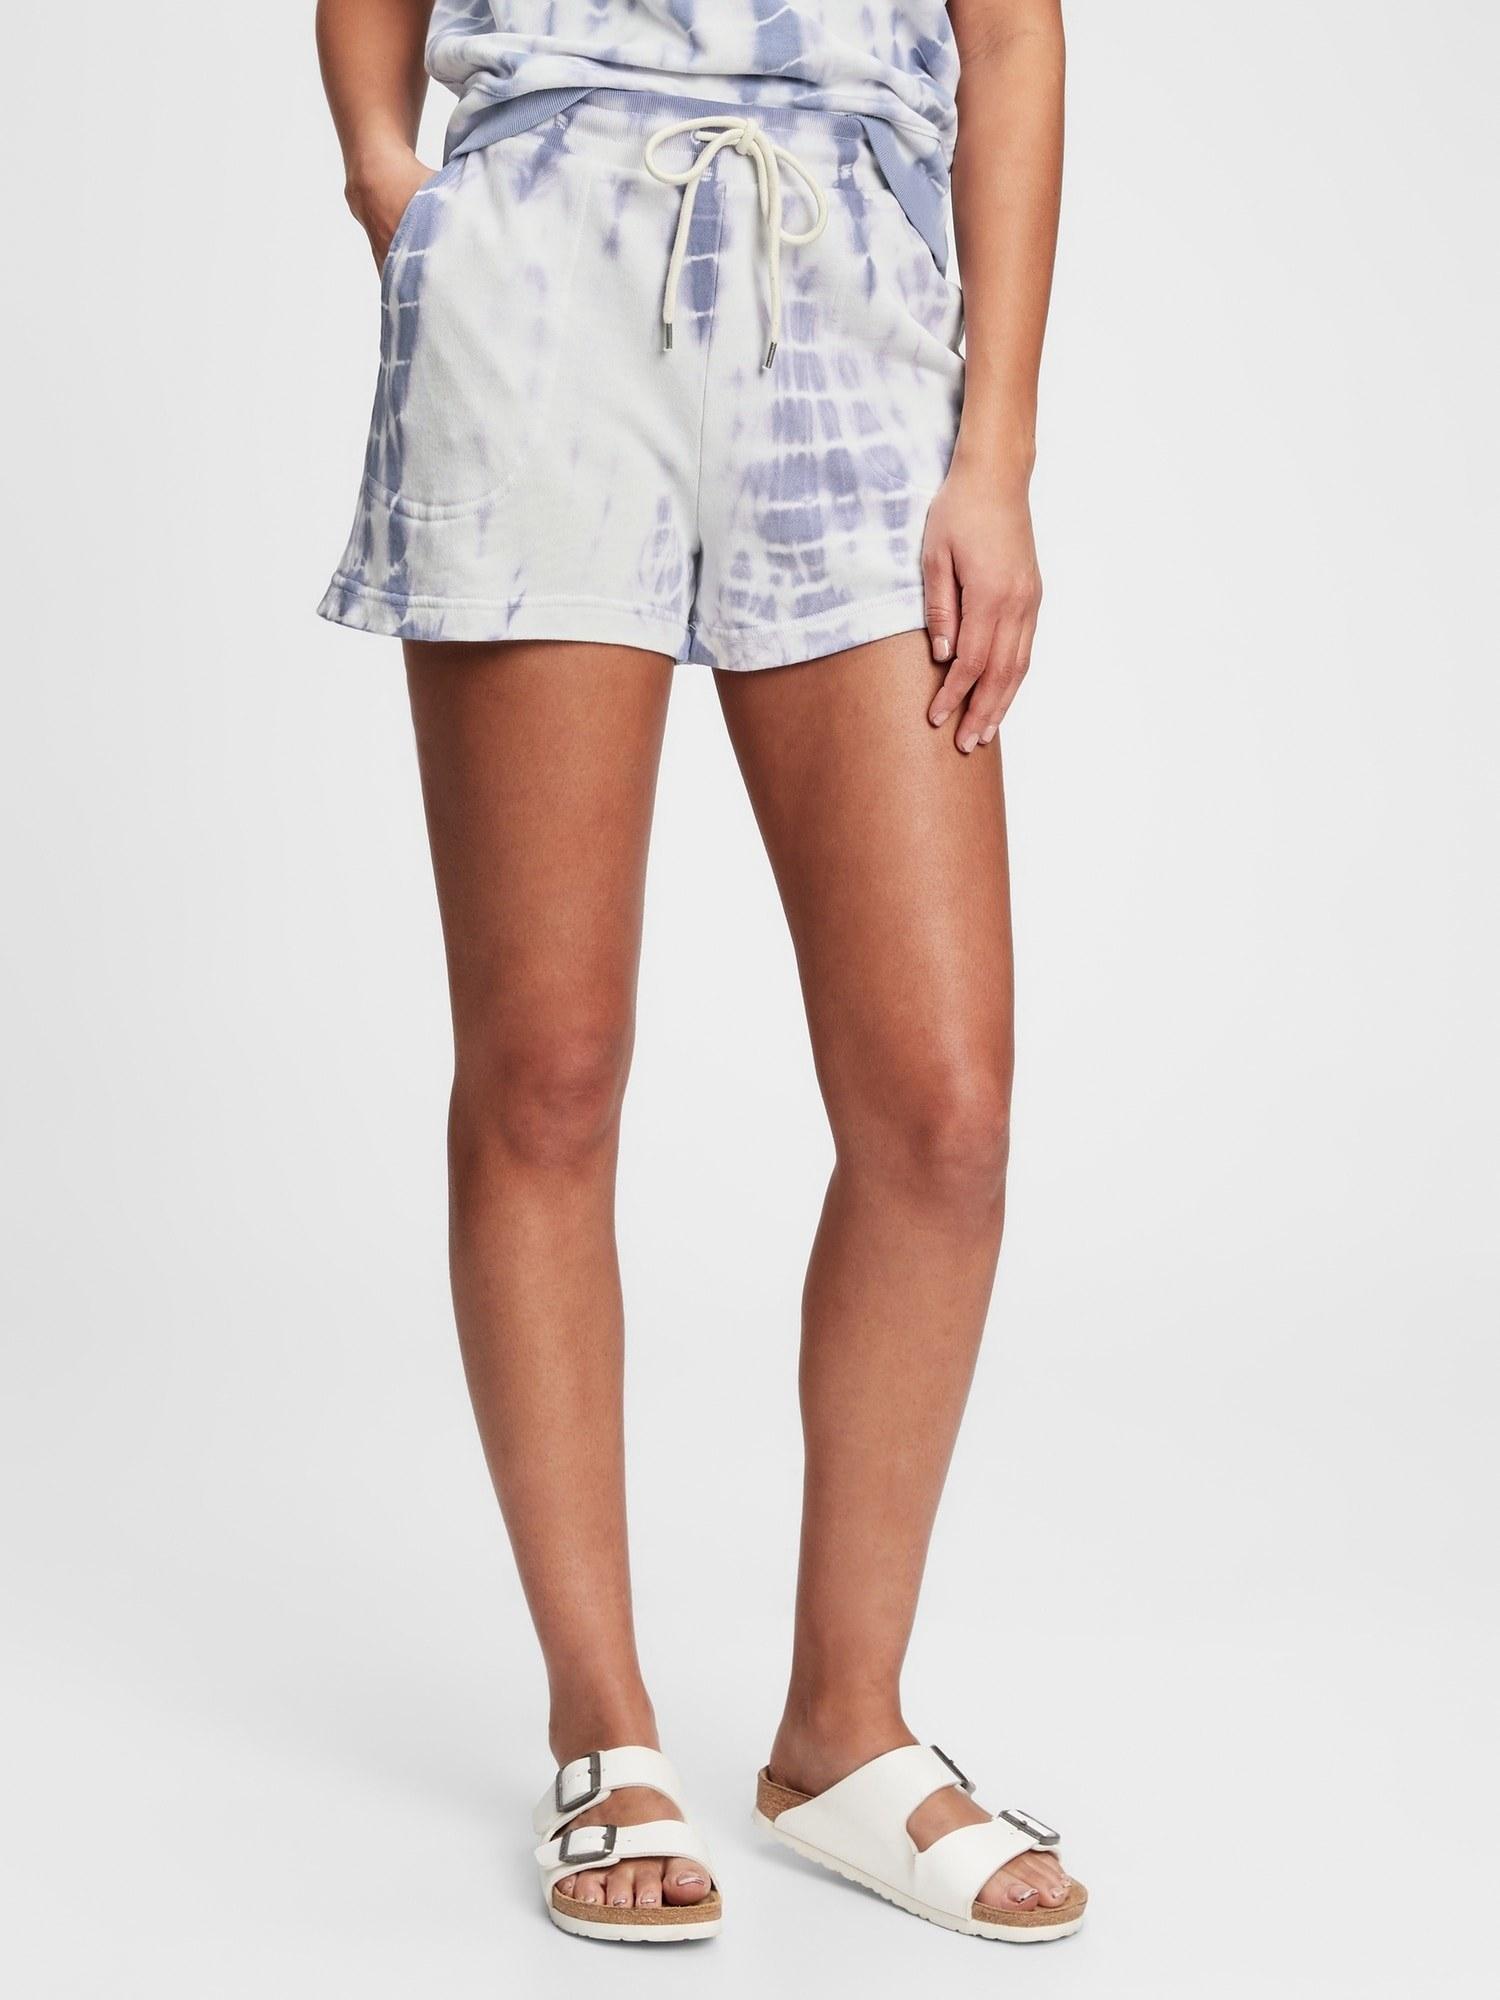 a model in purple tie dye shorts